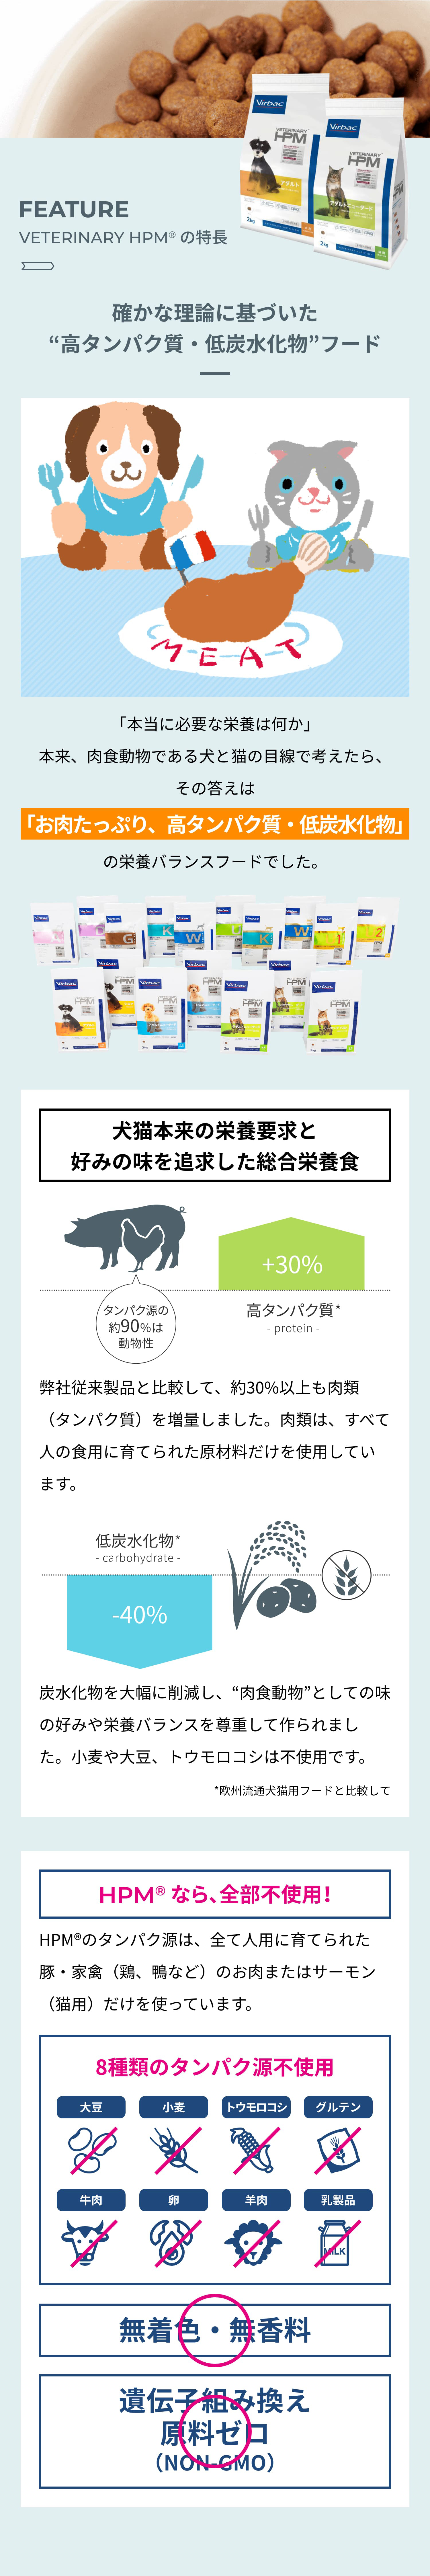 """FEATURE VETERINARY HPM®︎ の特長 確かな理論に基づいた""""高タンパク質・低炭水化物""""フード 「本当に必要な栄養は何か」 本来、肉食動物である犬と猫の目線で考えたら、その答えは「お肉たっぷり、高タンパク質・低炭水化物」の栄養バランスフードでした。 犬猫本来の栄養要求と好みの味を追求した総合栄養食 弊社従来製品と比較して、約30%以上も肉類(タンパク質)を増量しました。肉類は、すべて人の食用に育てられた原材料だけを使用しています。 炭水化物を大幅に削減し、""""肉食動物""""としての味の好みや栄養バランスを尊重して作られました。小麦や大豆、トウモロコシは不使用です。 *弊社従来製品と比較して HPMなら、全部不使用! HPMのタンパク源は、全て人用に育てられた豚・家禽(鶏、鴨など)のお肉またはサーモン(猫用)だけを使っています。8種類のタンパク源不使用 無着色・無香料 遺伝子組み換え原料ゼロ(NON-GMO)"""